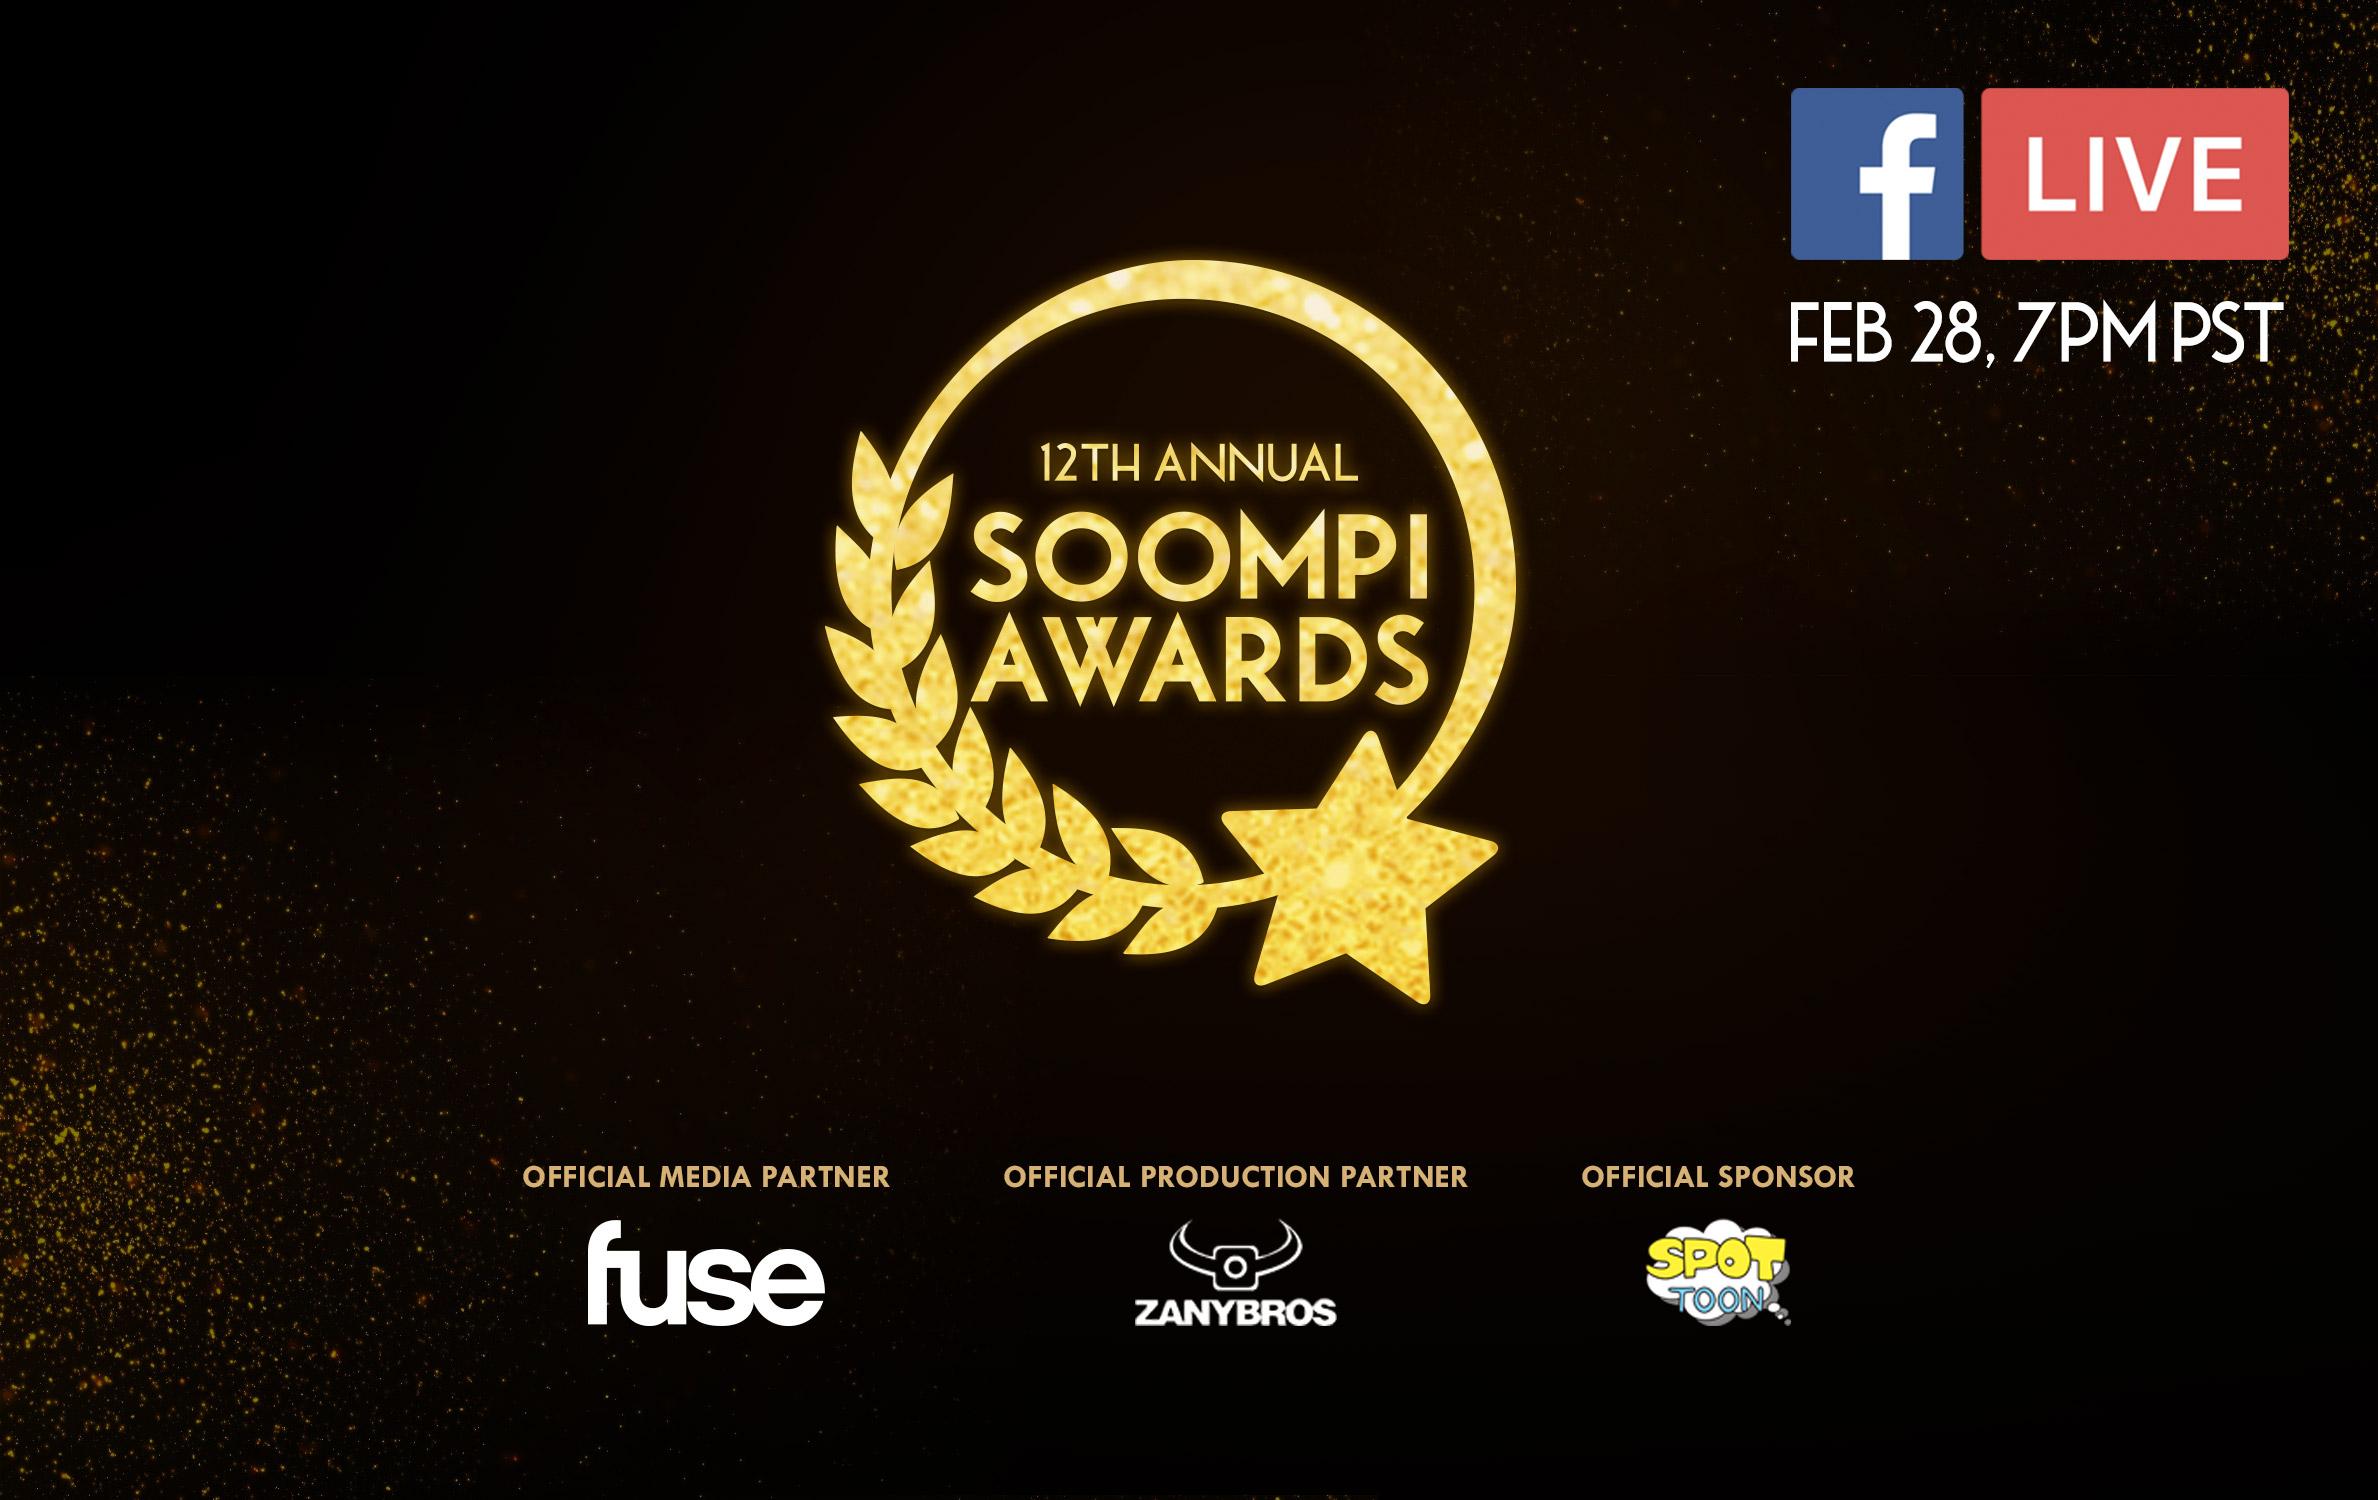 Marca tu agenda: Sintoniza el anuncio de los ganadores de Soompi Awards EN VIVO (y gana premios)